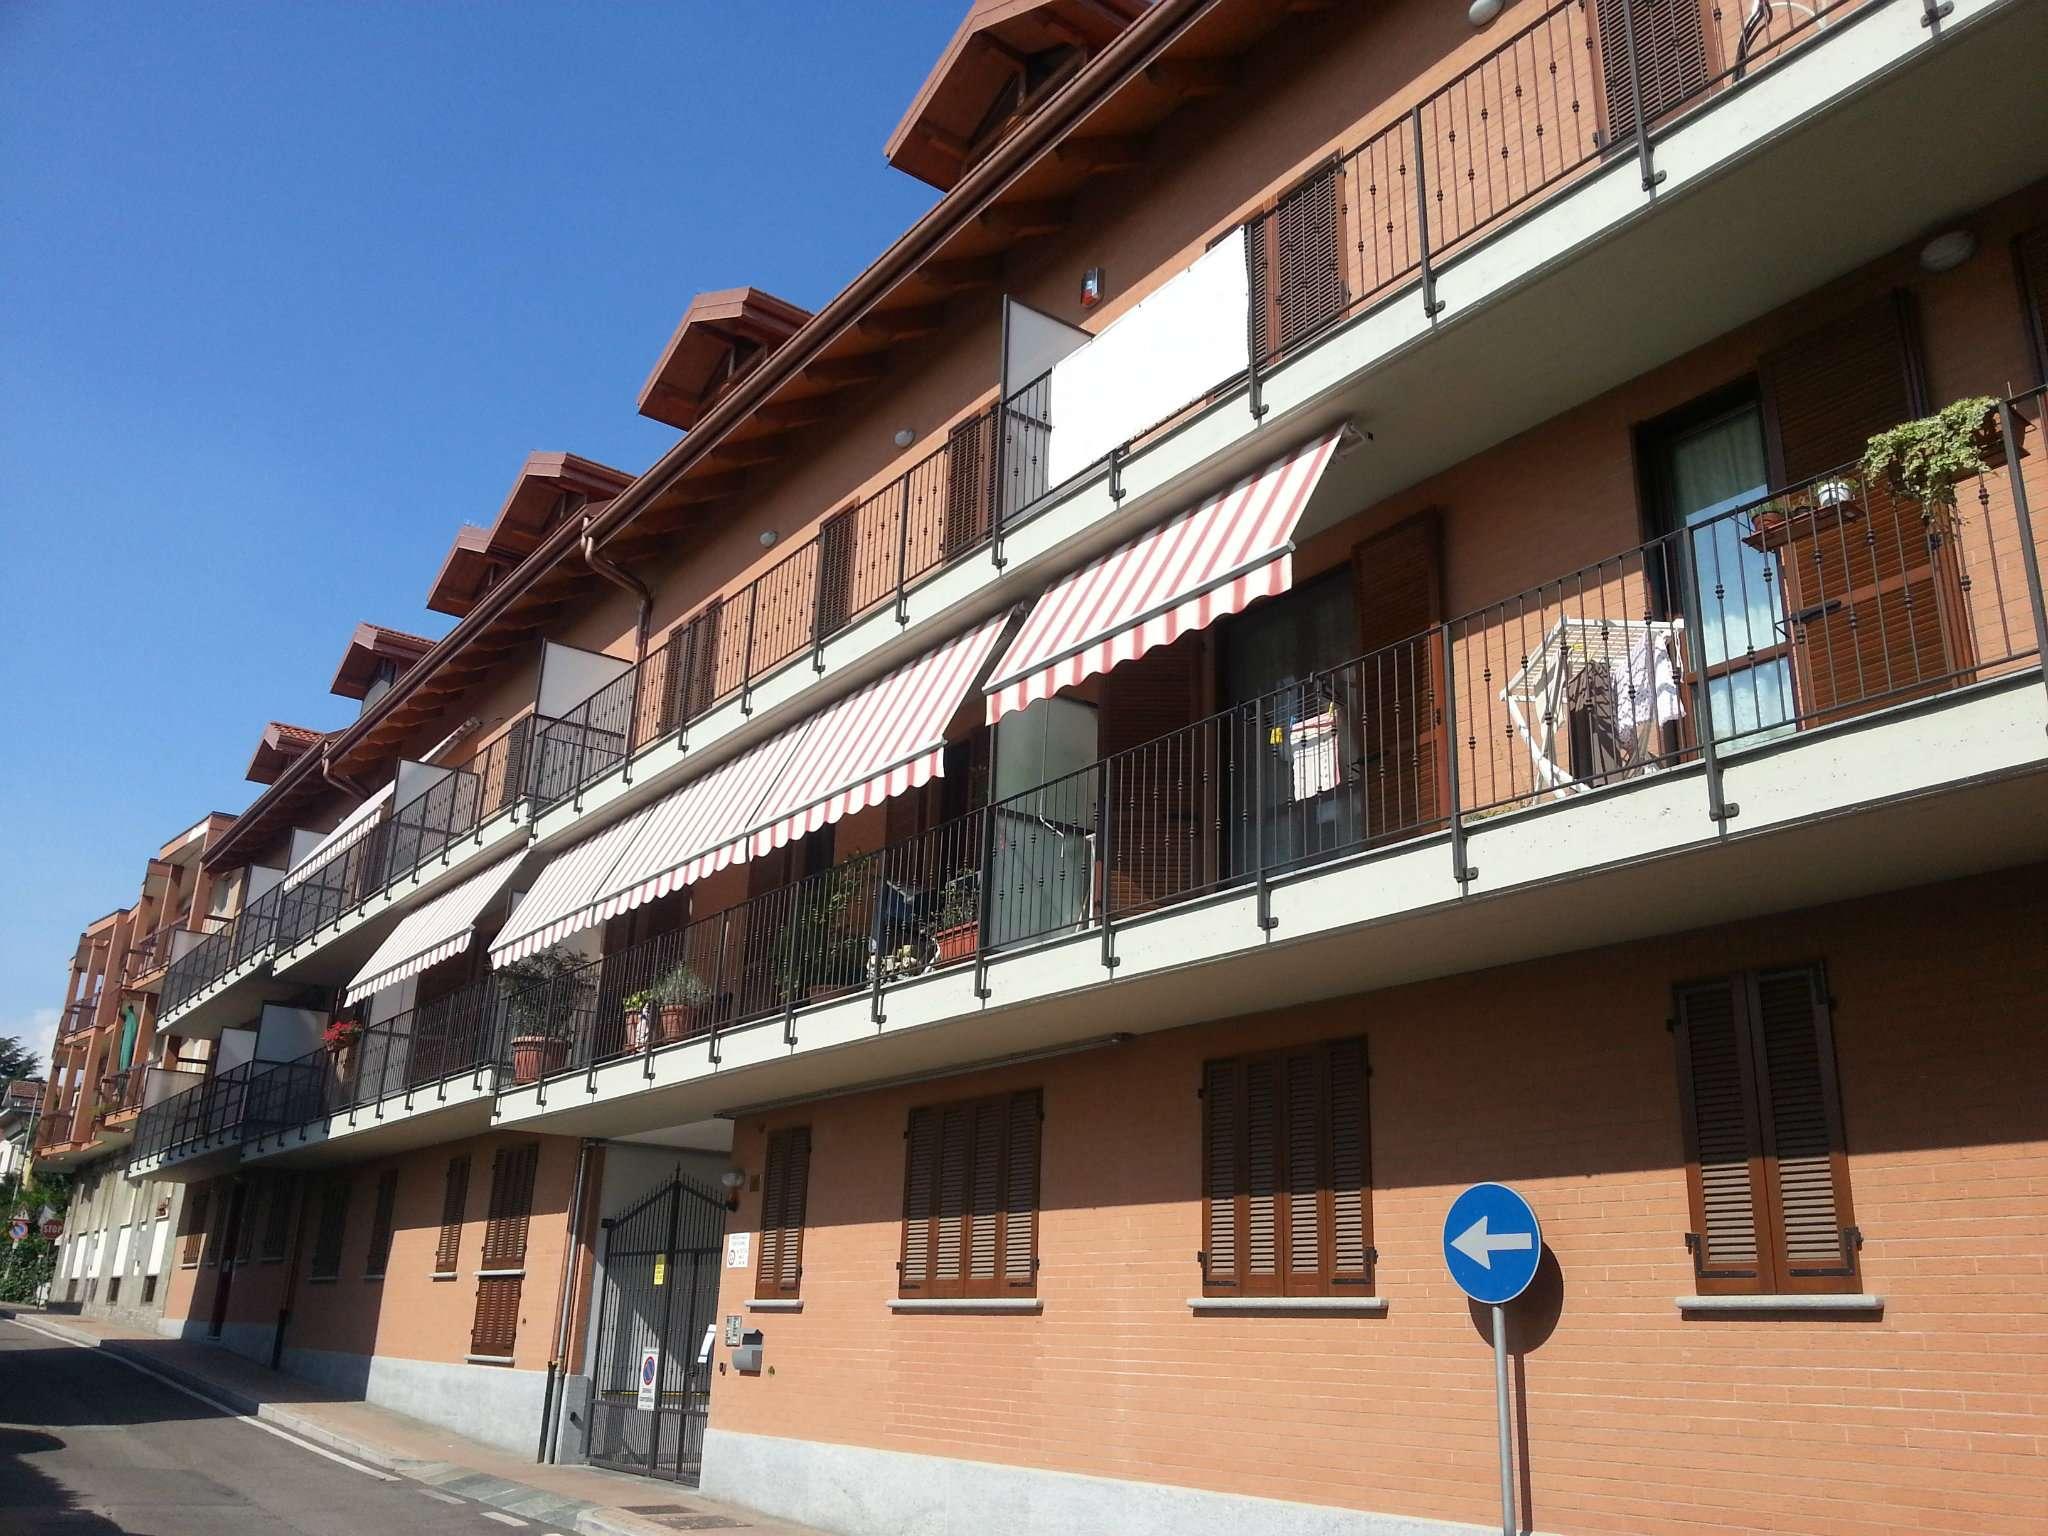 Appartamento in vendita a Trofarello, 4 locali, prezzo € 235.000 | CambioCasa.it